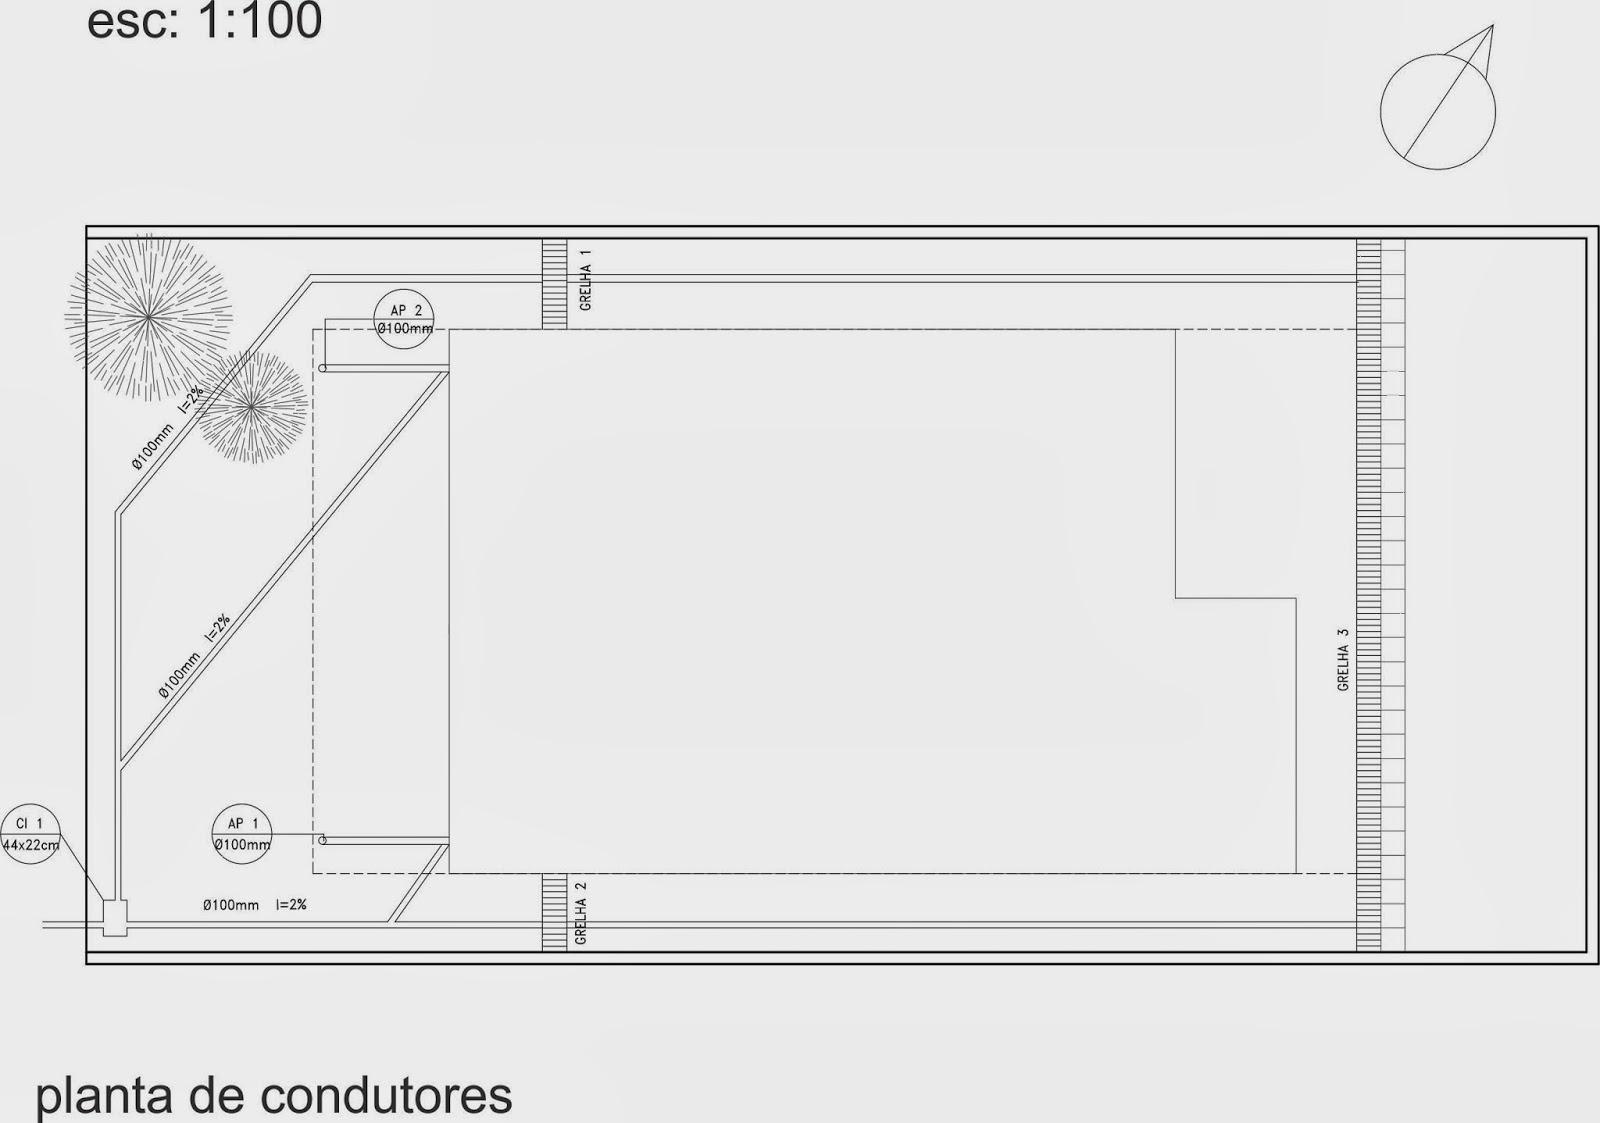 PROJETO DE ENCANAMENTOS DE ÁGUA QUENTE/FRIA: #494848 1600 1123